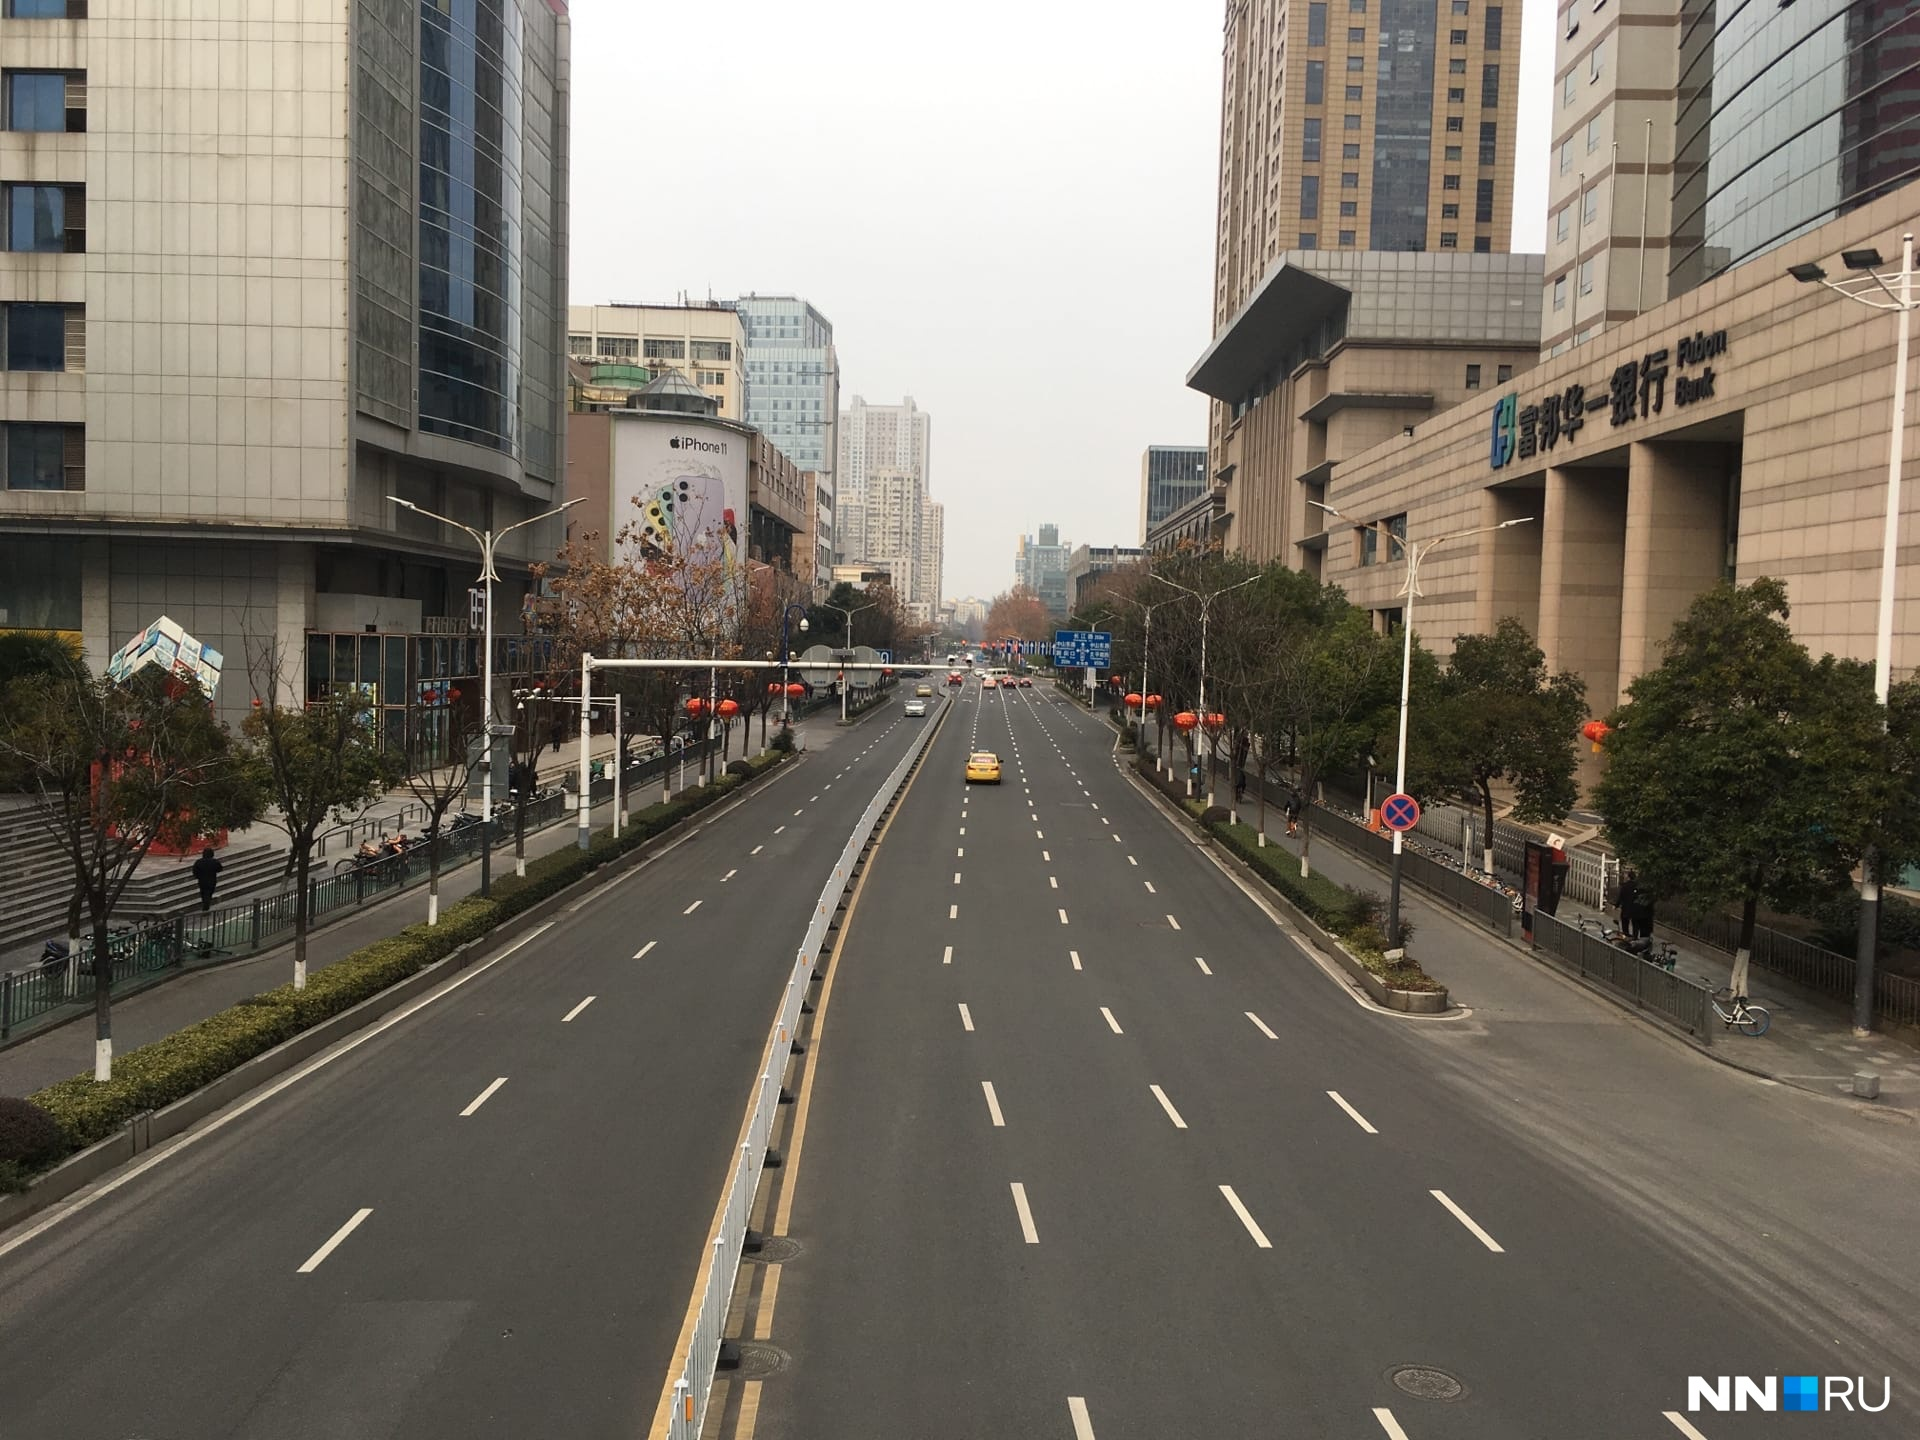 Многие китайцы разъехались, поэтому центр мегаполиса, где живёт больше 8 миллионов человек, выглядит вот так